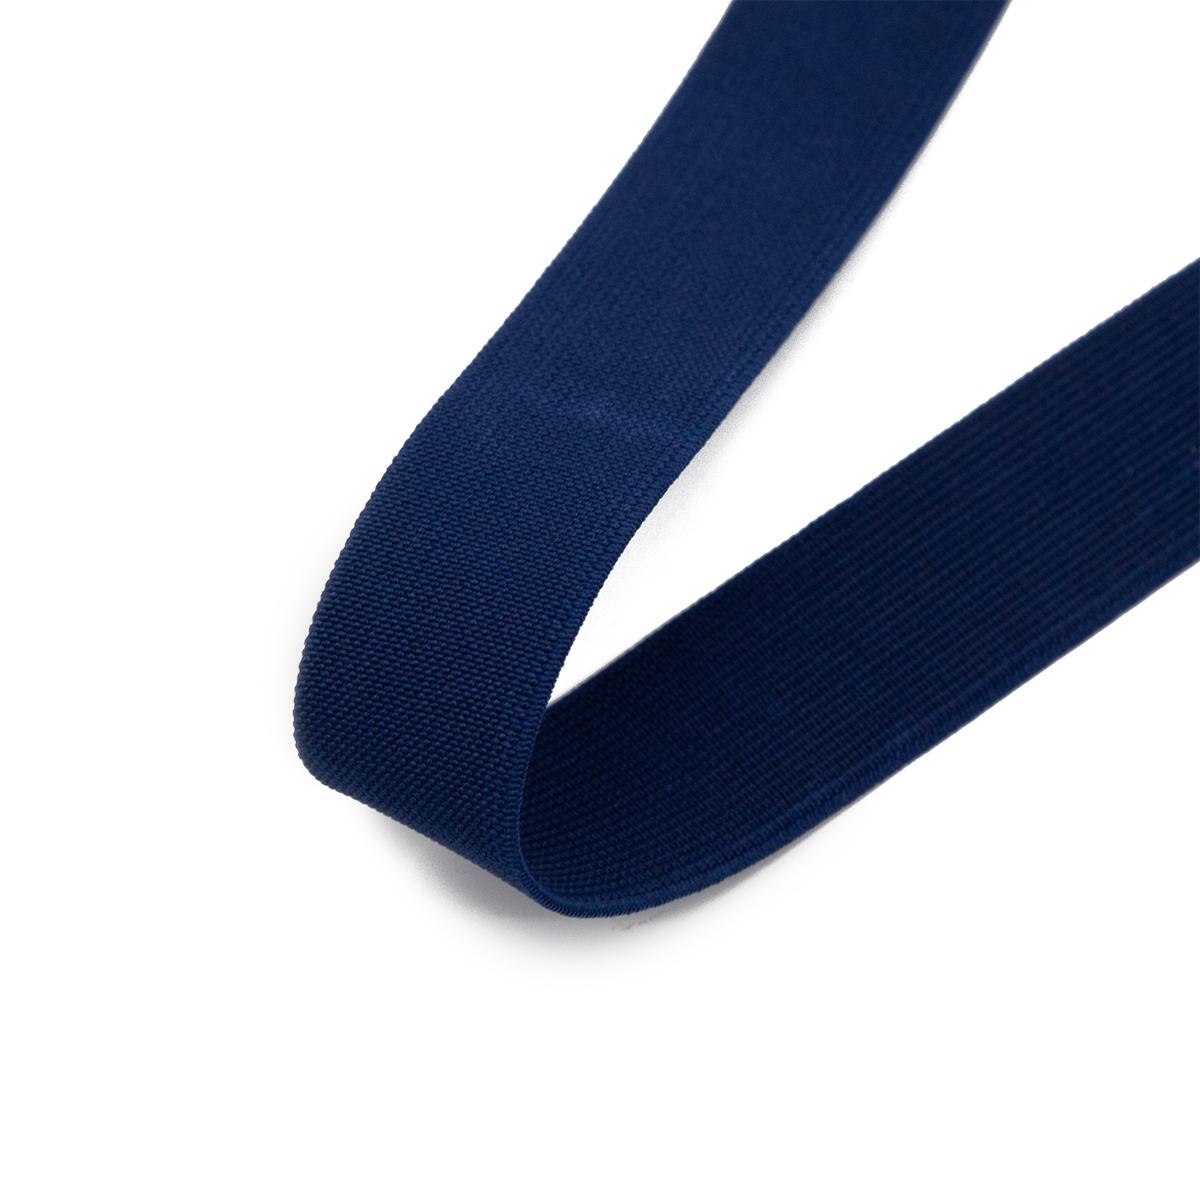 15-3848/9882 Резинка вязаная 25мм*25м т.синий ГР